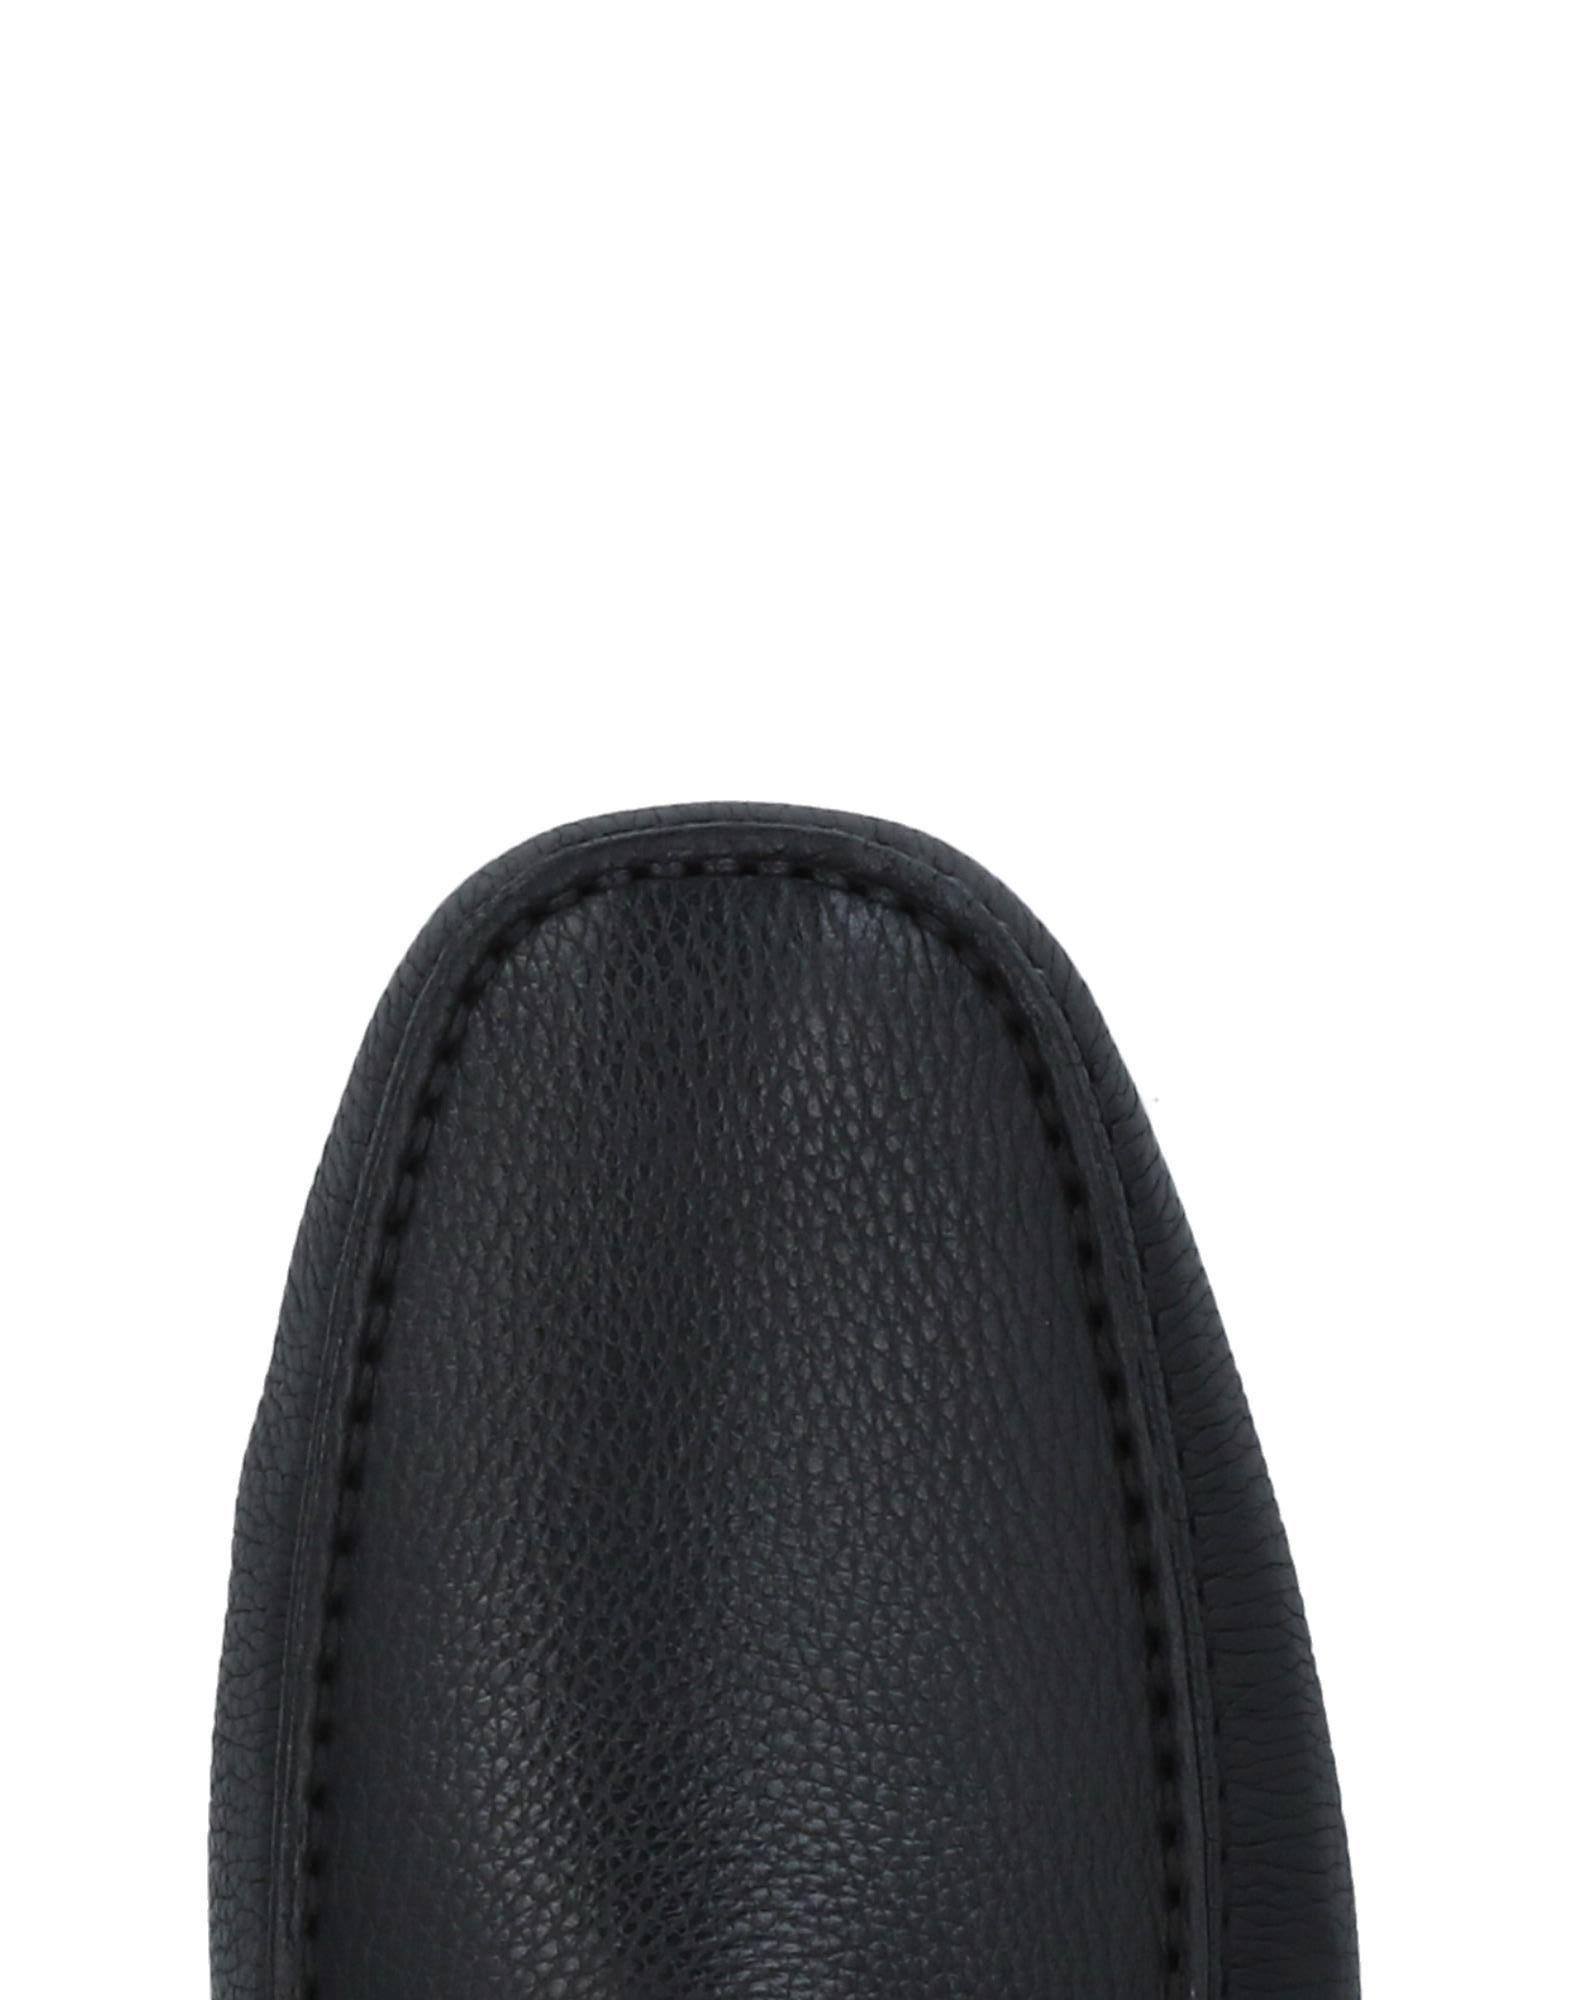 Dior Homme Mokassins Herren  11492773KN Gute Qualität beliebte beliebte Qualität Schuhe a2165c